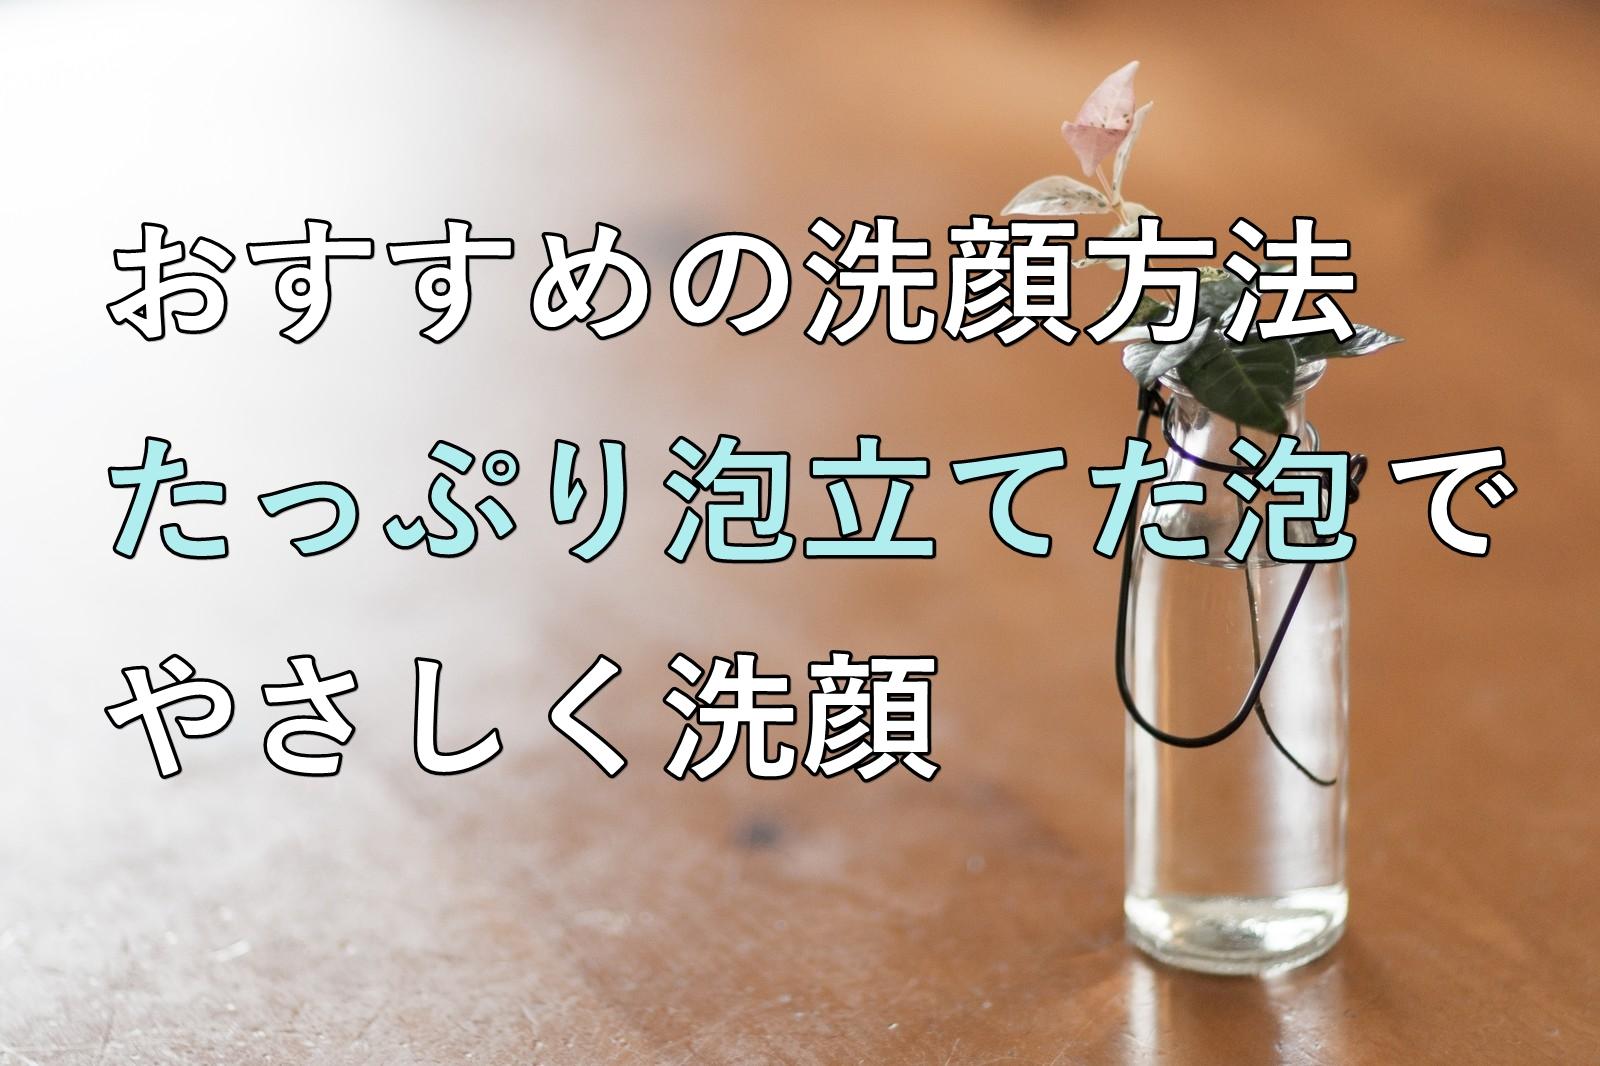 おすすめの洗顔方法、たっぷり泡立てた泡でやさしく洗顔